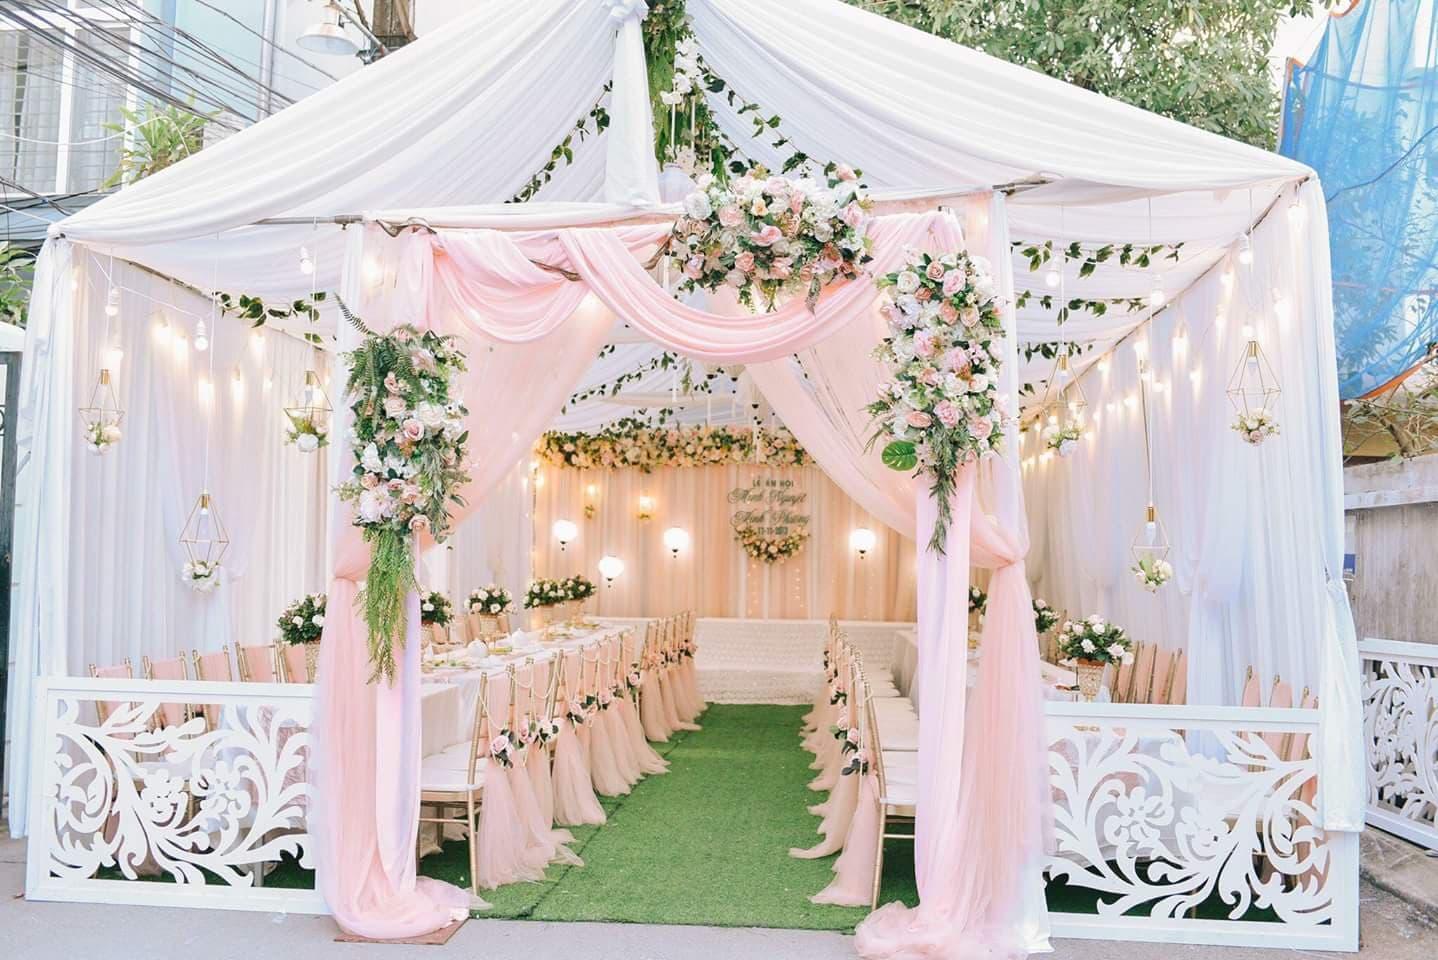 Hình ảnh cổng cưới đẹp, đơn giản